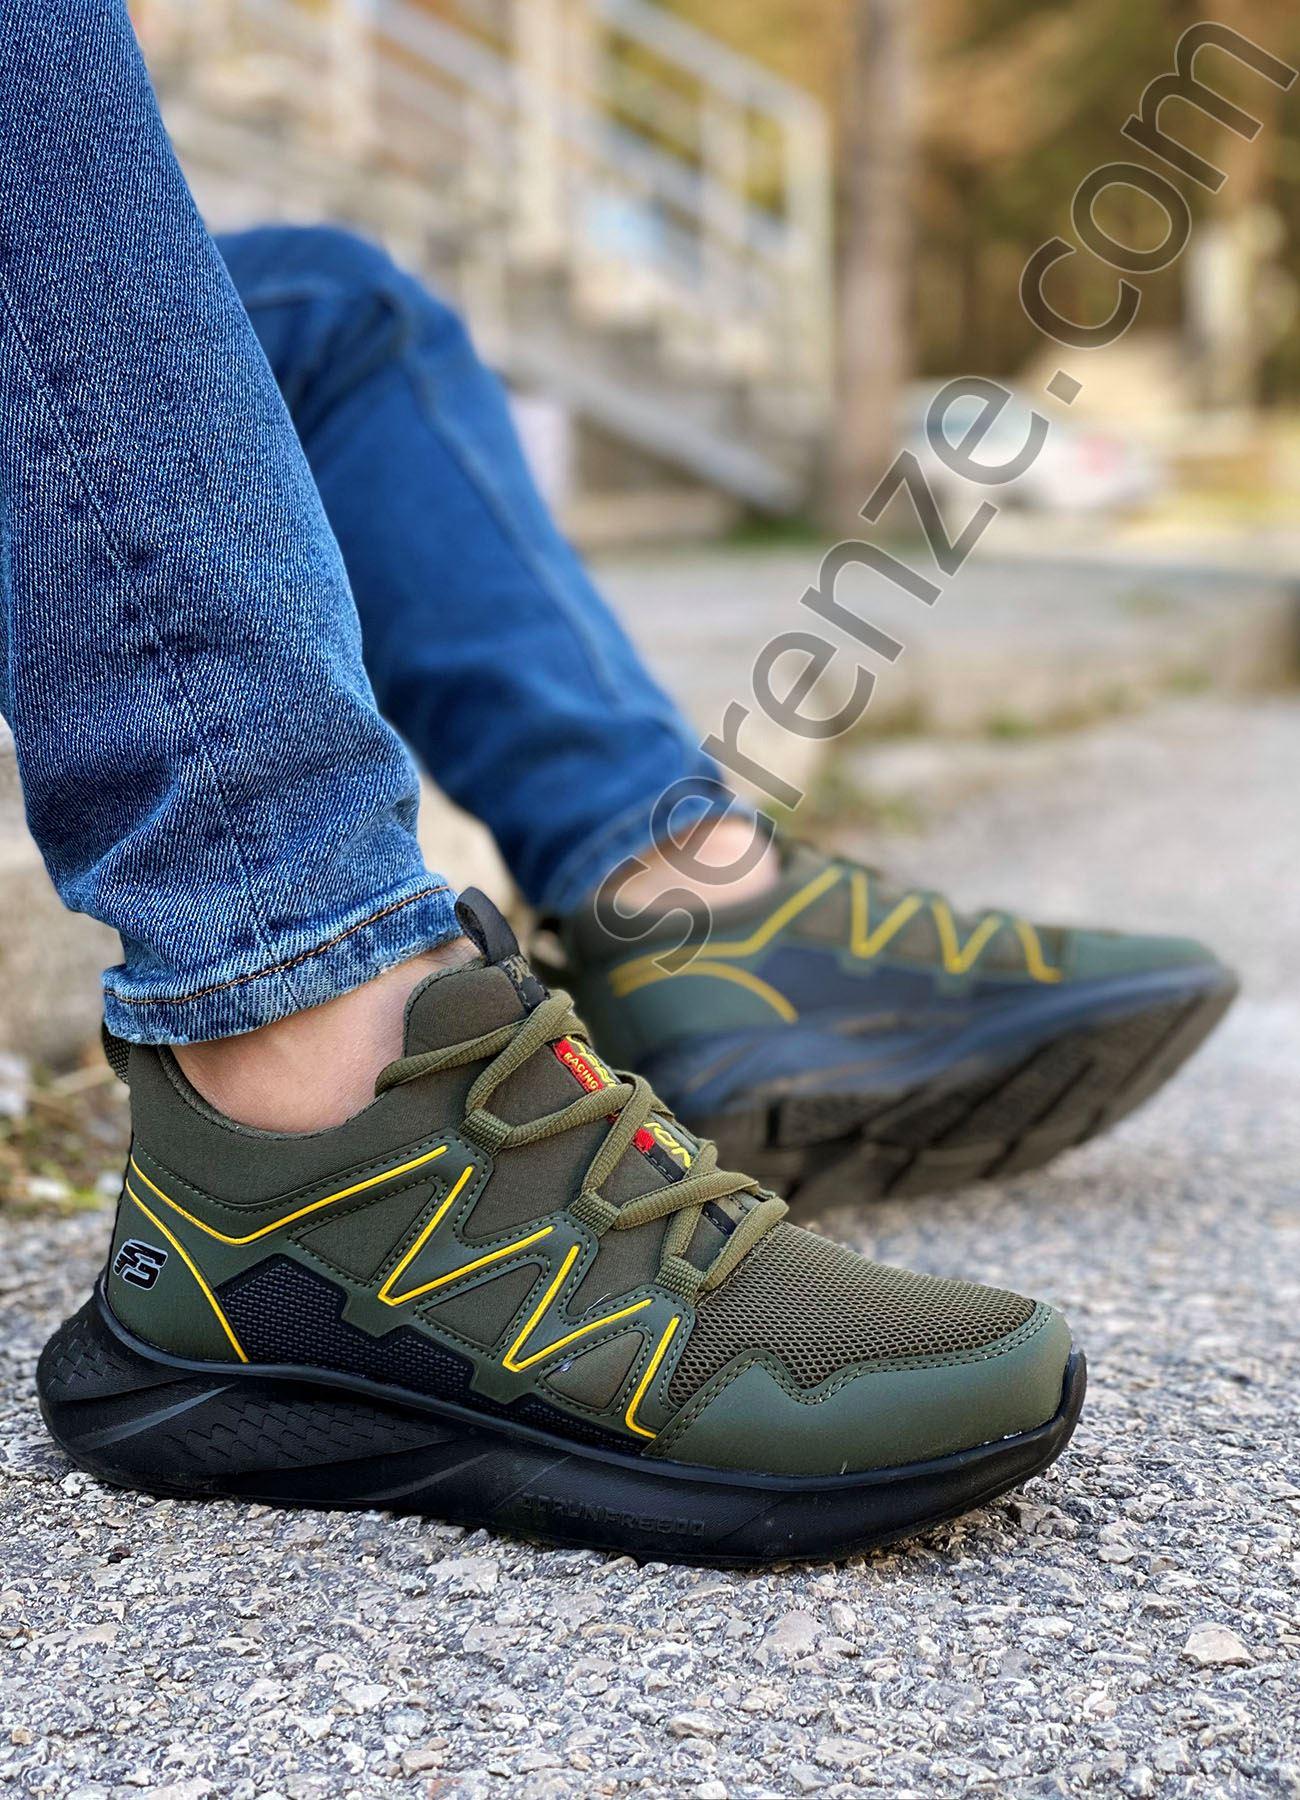 Haki Outdoor Trekking Erkek Spor Ayakkabı